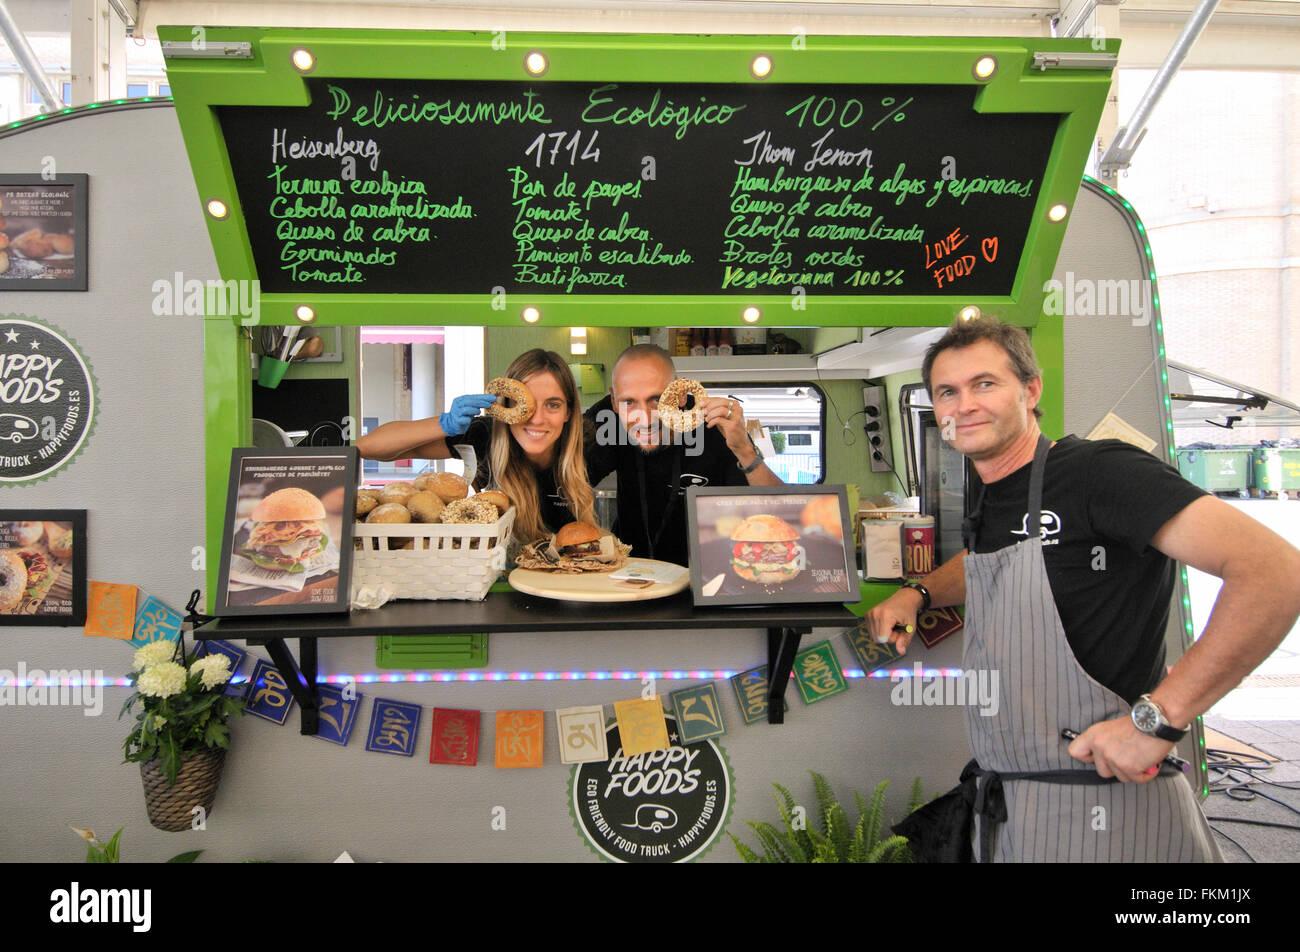 Caravan restaurant, Barcelona Degusta, Food exhibition